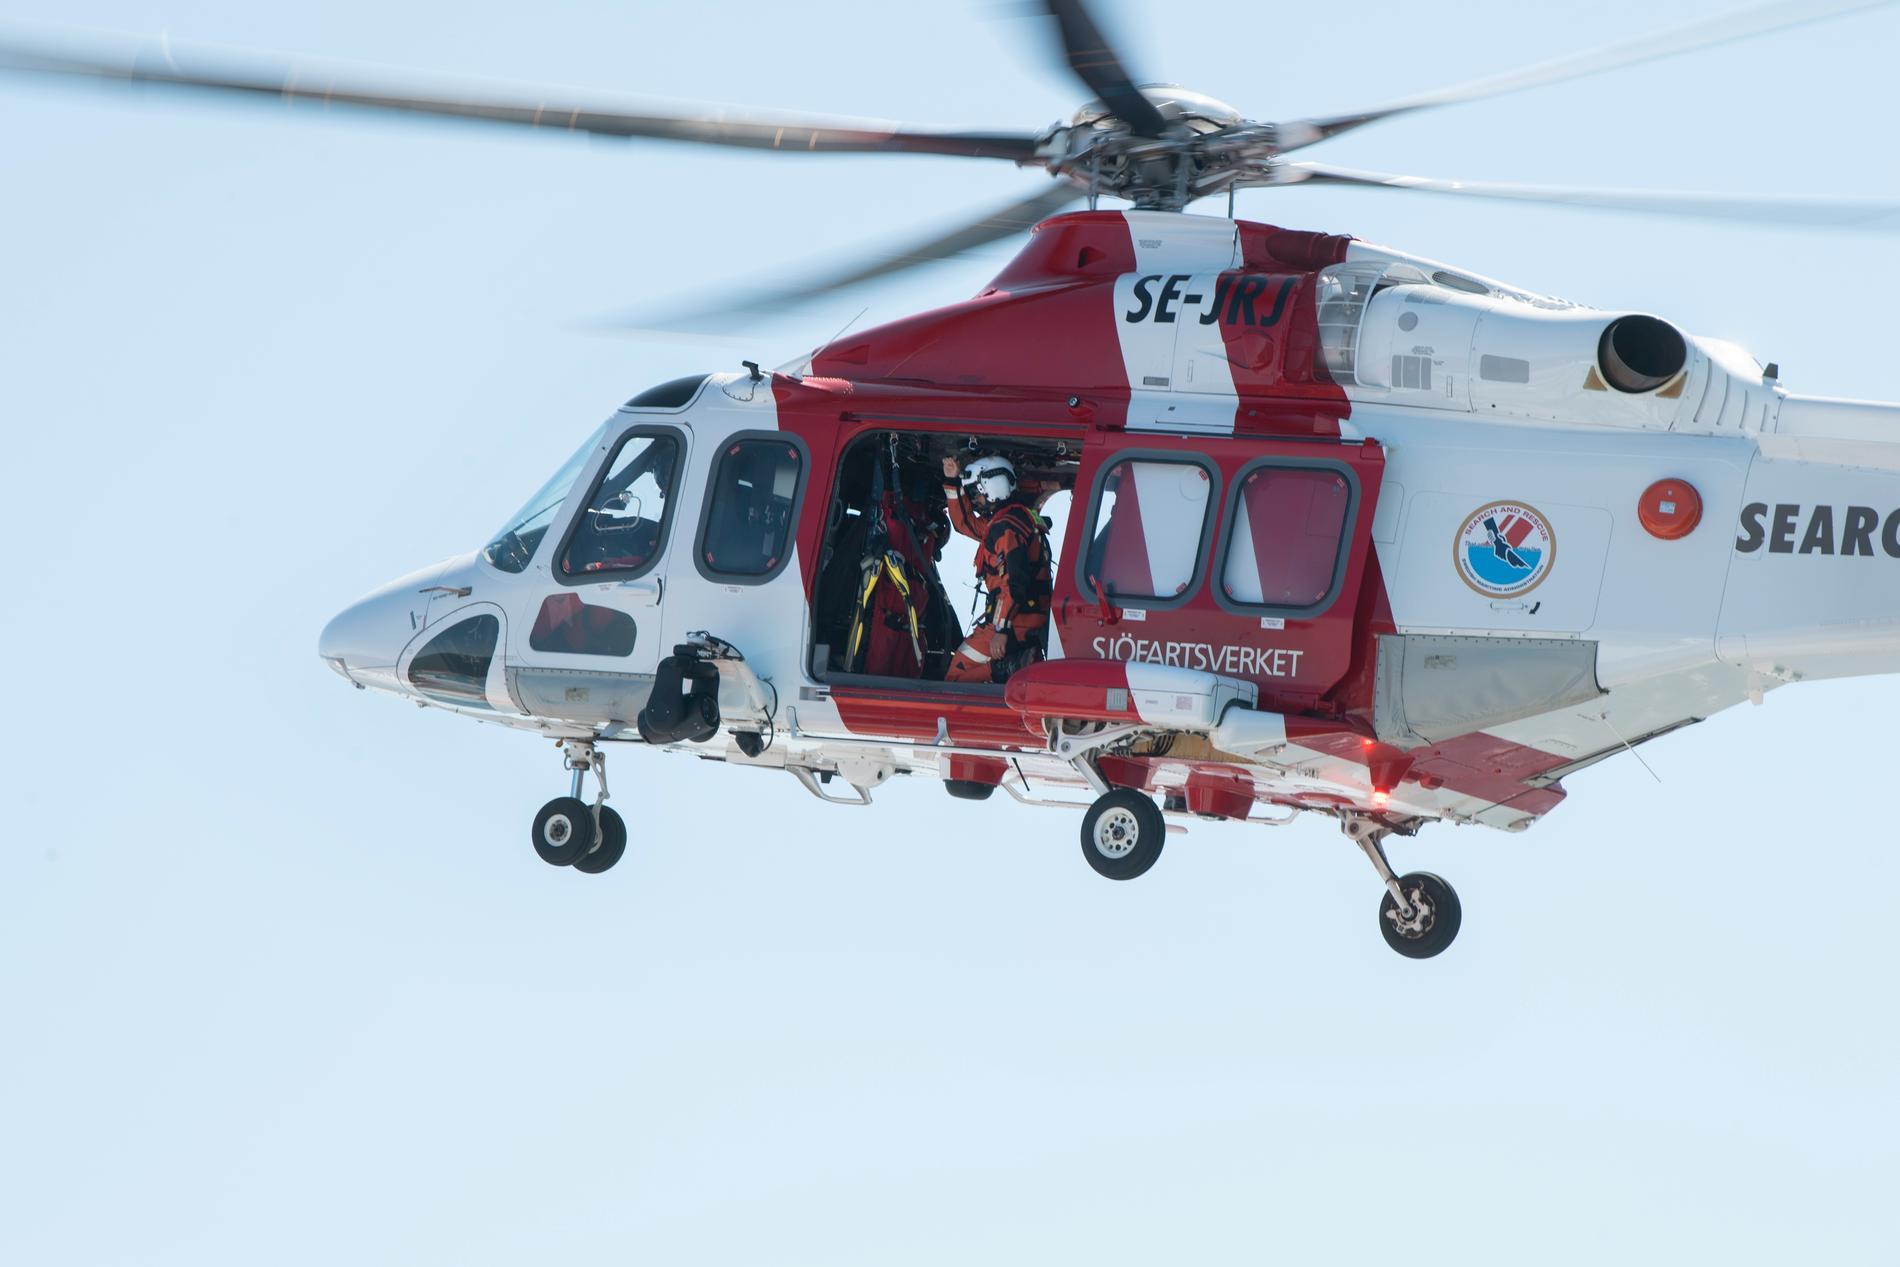 En räddningshelikopter skickades för att bistå vid grundstötningen i Göteborgs norra skärgård. Arkivbild.